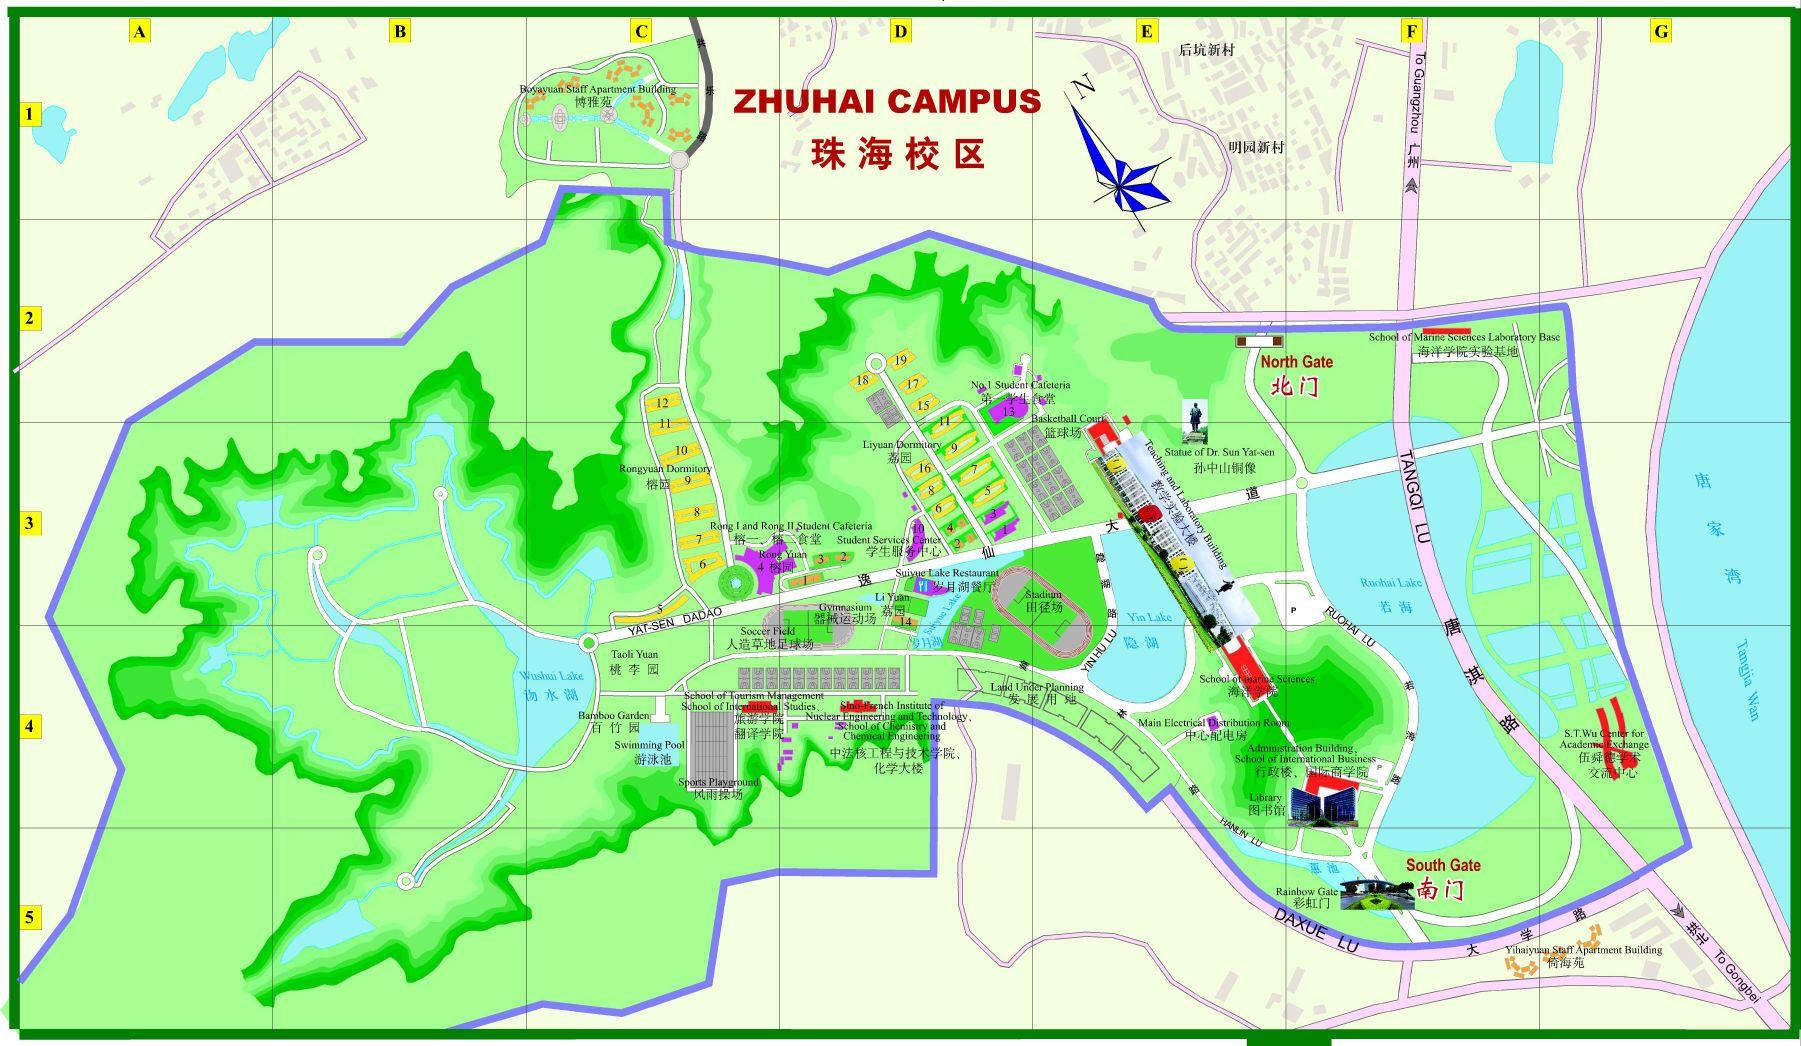 中山大学珠海校区地图